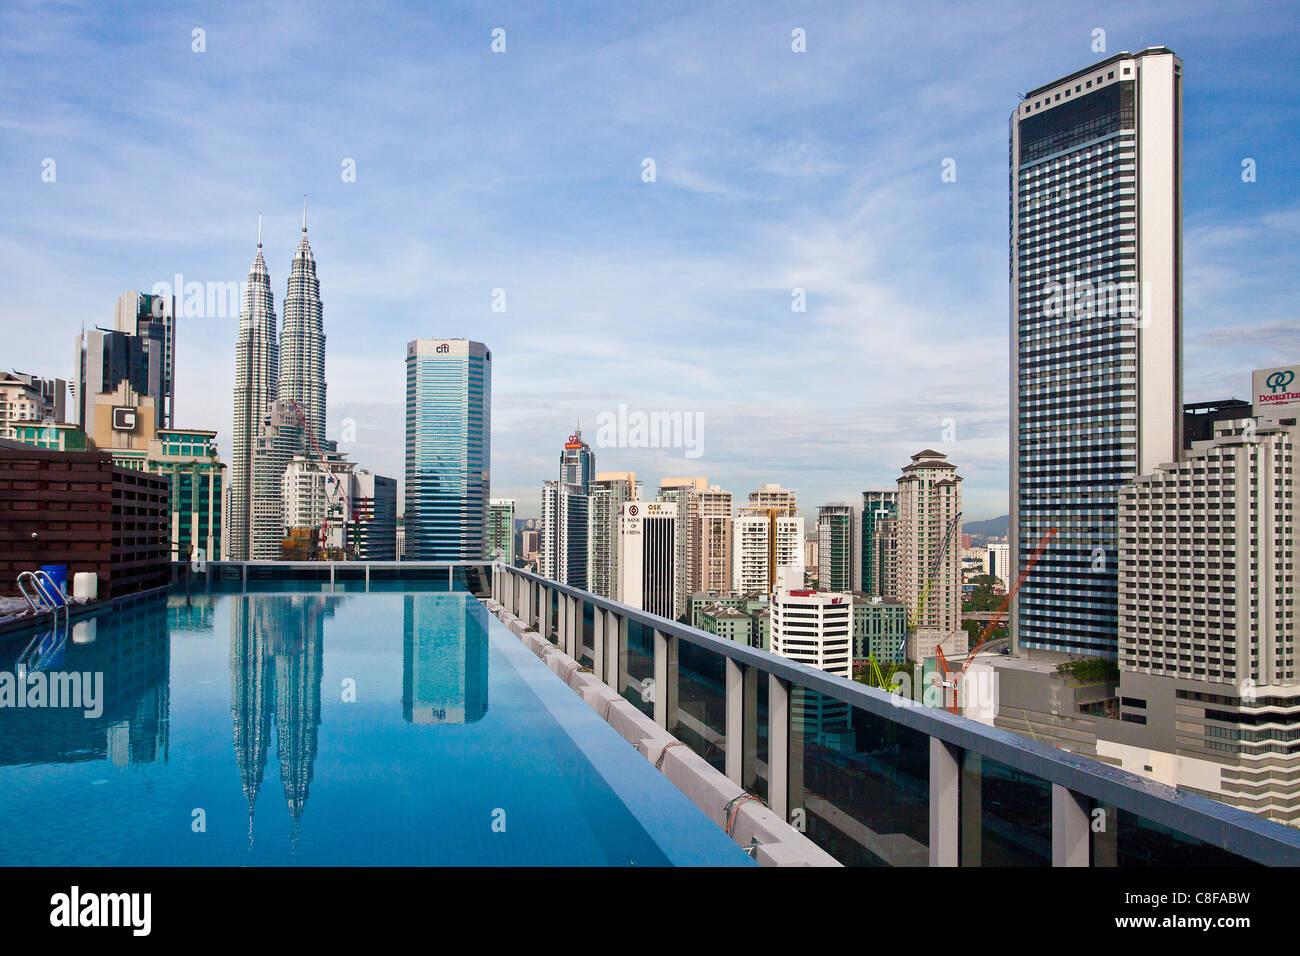 Malaysia, Asien, Kuala Lumpur, Golden Triangle Distrikt, Petronas Towers, Wohnblocks, Hochhäuser, Skyline, Stockbild